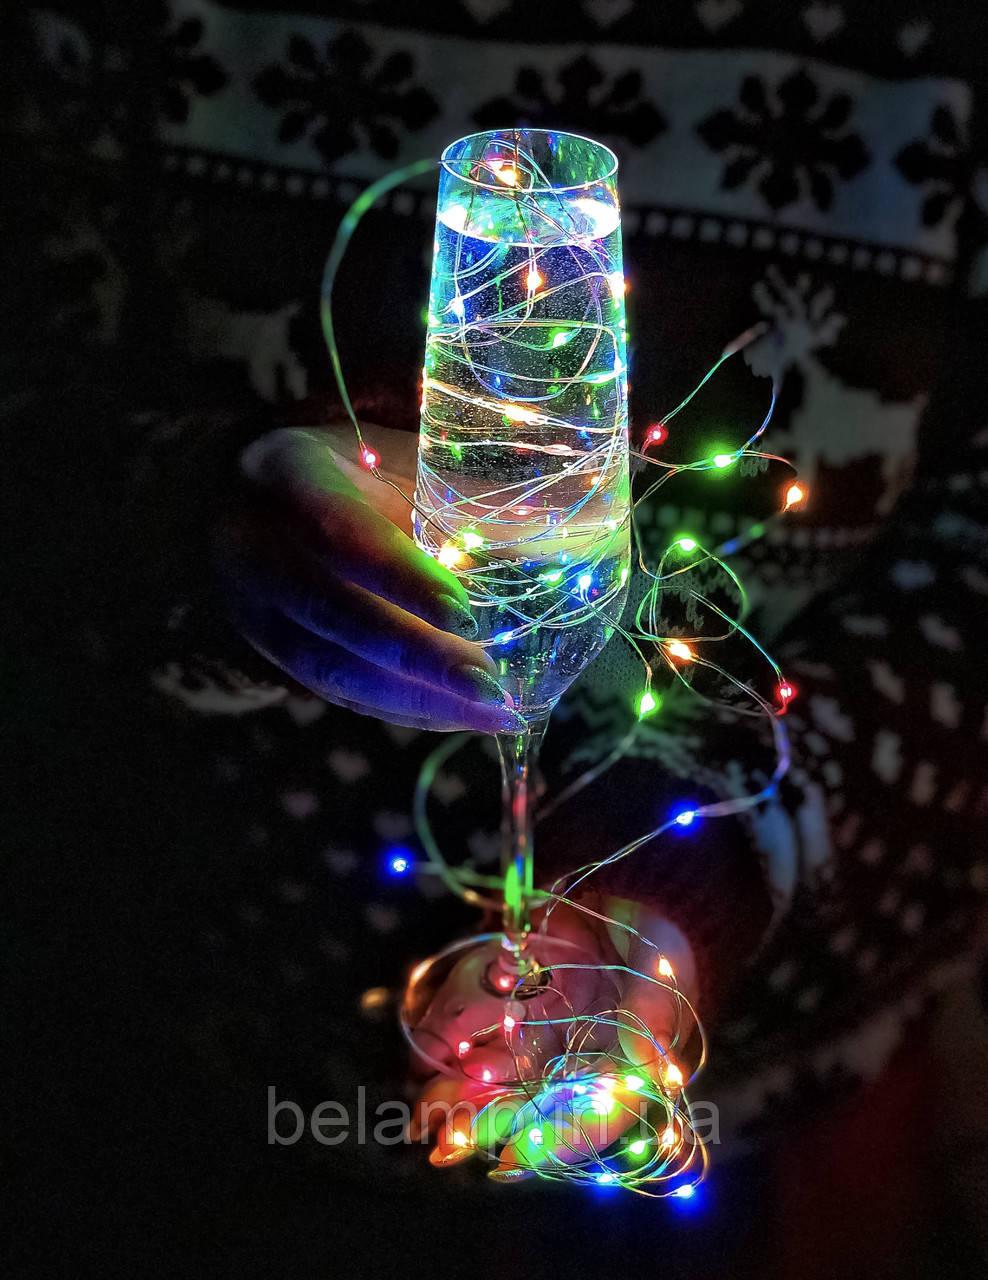 """Новогодняя гирлянда на батарейках из разноцветных капель проволочная """"Праздничная"""" (3 метра)"""